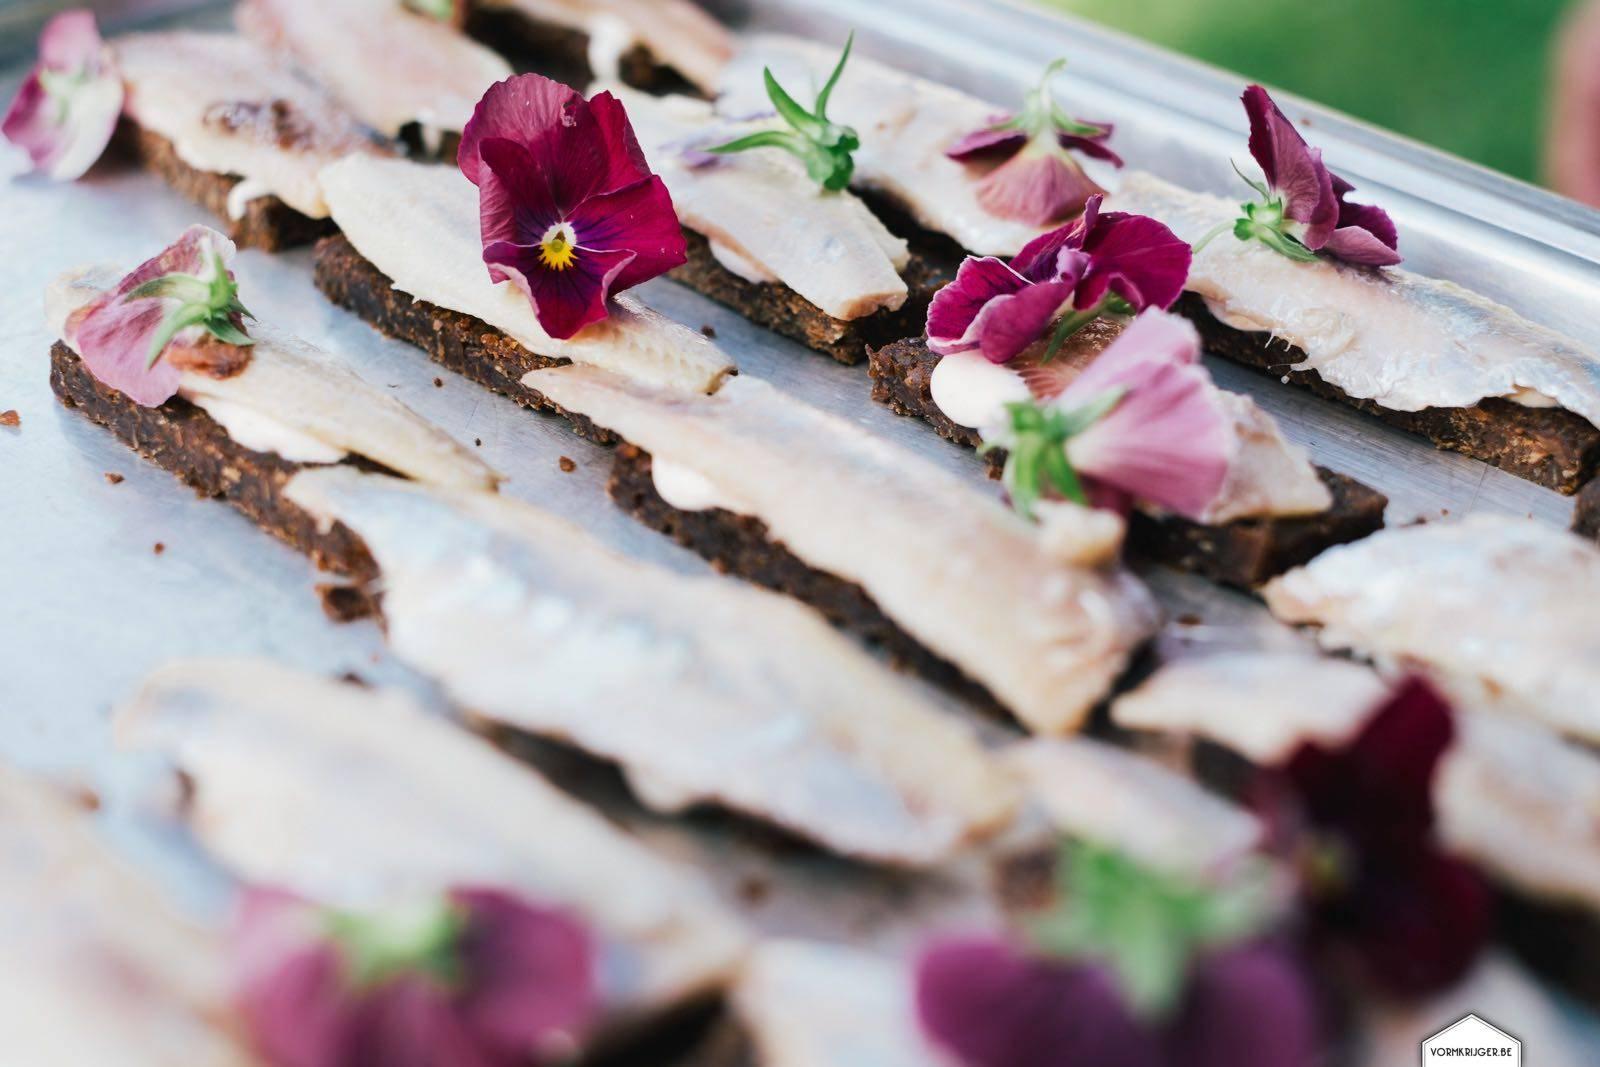 Bring it On - Catering - Fotograaf Vormkrijger - House of Weddings - 1